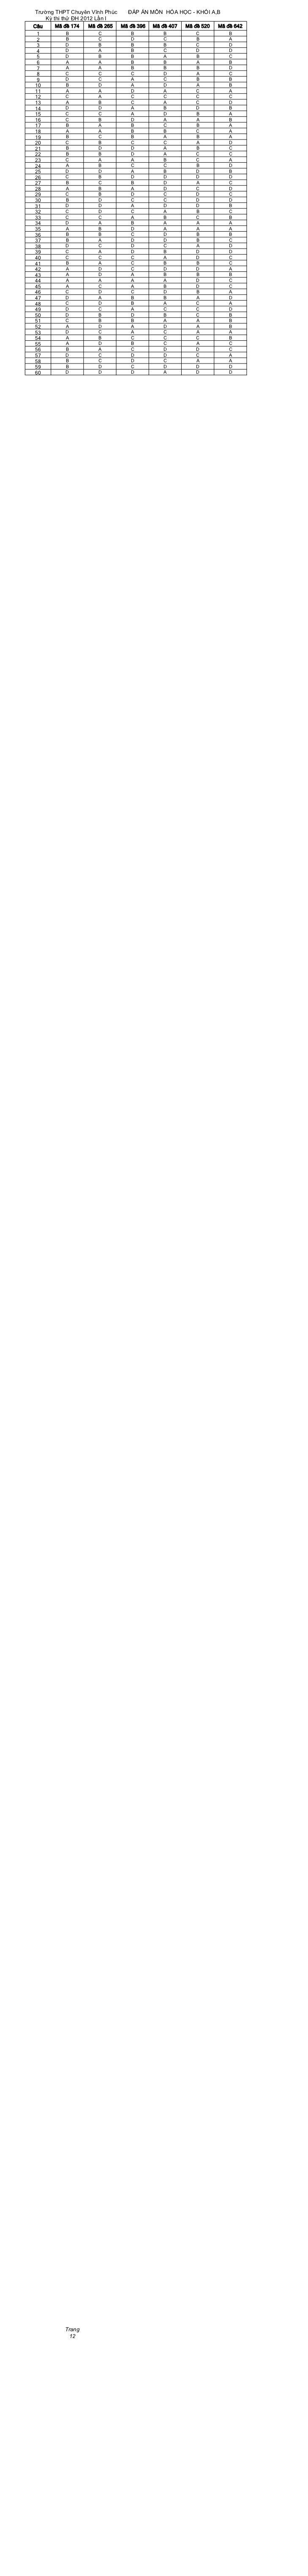 Trường THPT Chuyên Vĩnh Phúc     ĐÁP ÁN MÔN HÓA HỌC - KHỐI A,B   Kỳ thi thử ĐH 2012 Lần ICâu   Mã đề 174   Mã đề 265    Mã...